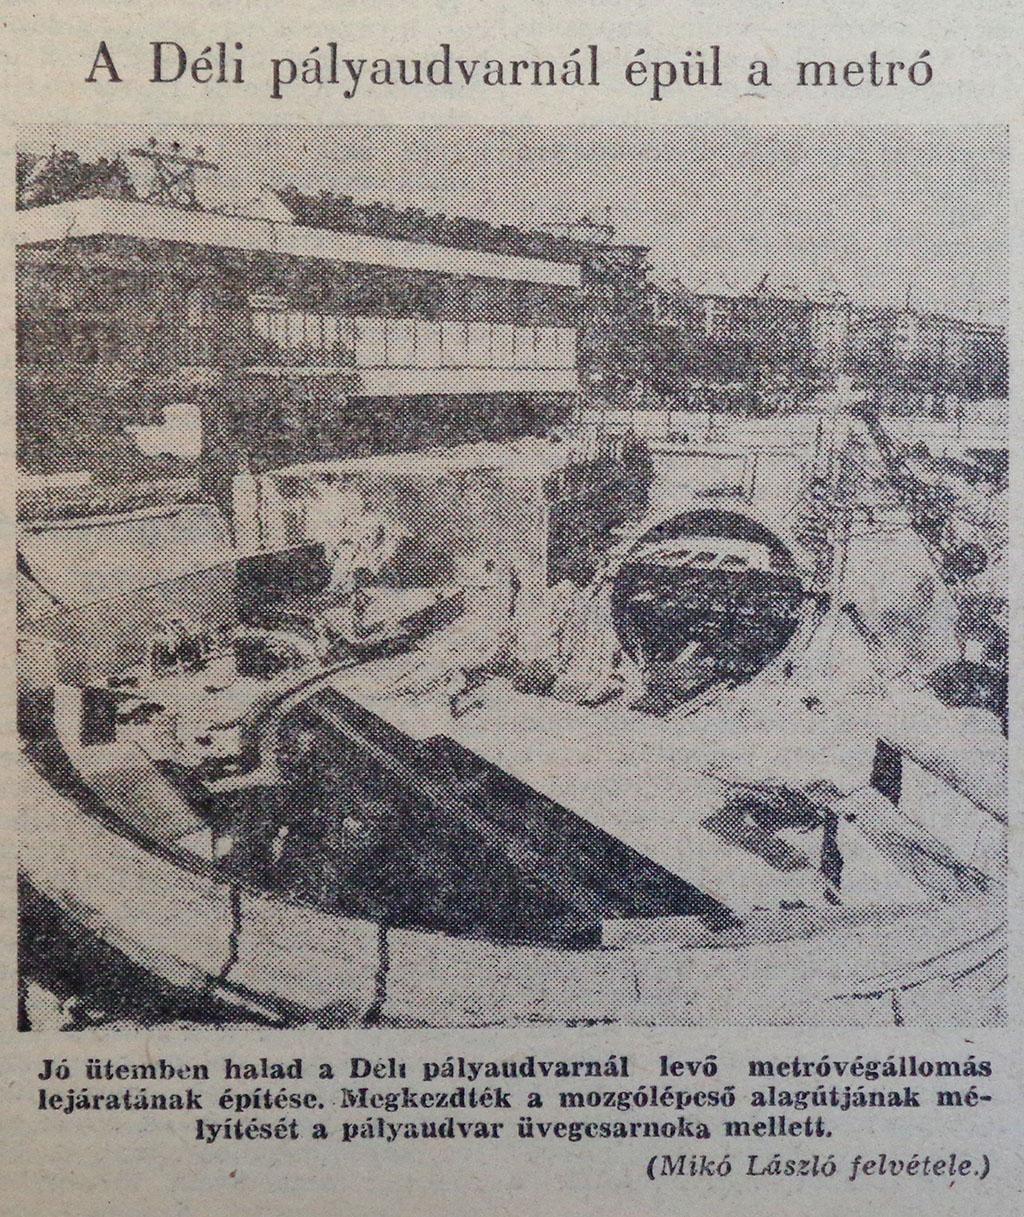 delipalyaudvar-19700925-nepszabadsag.jpg